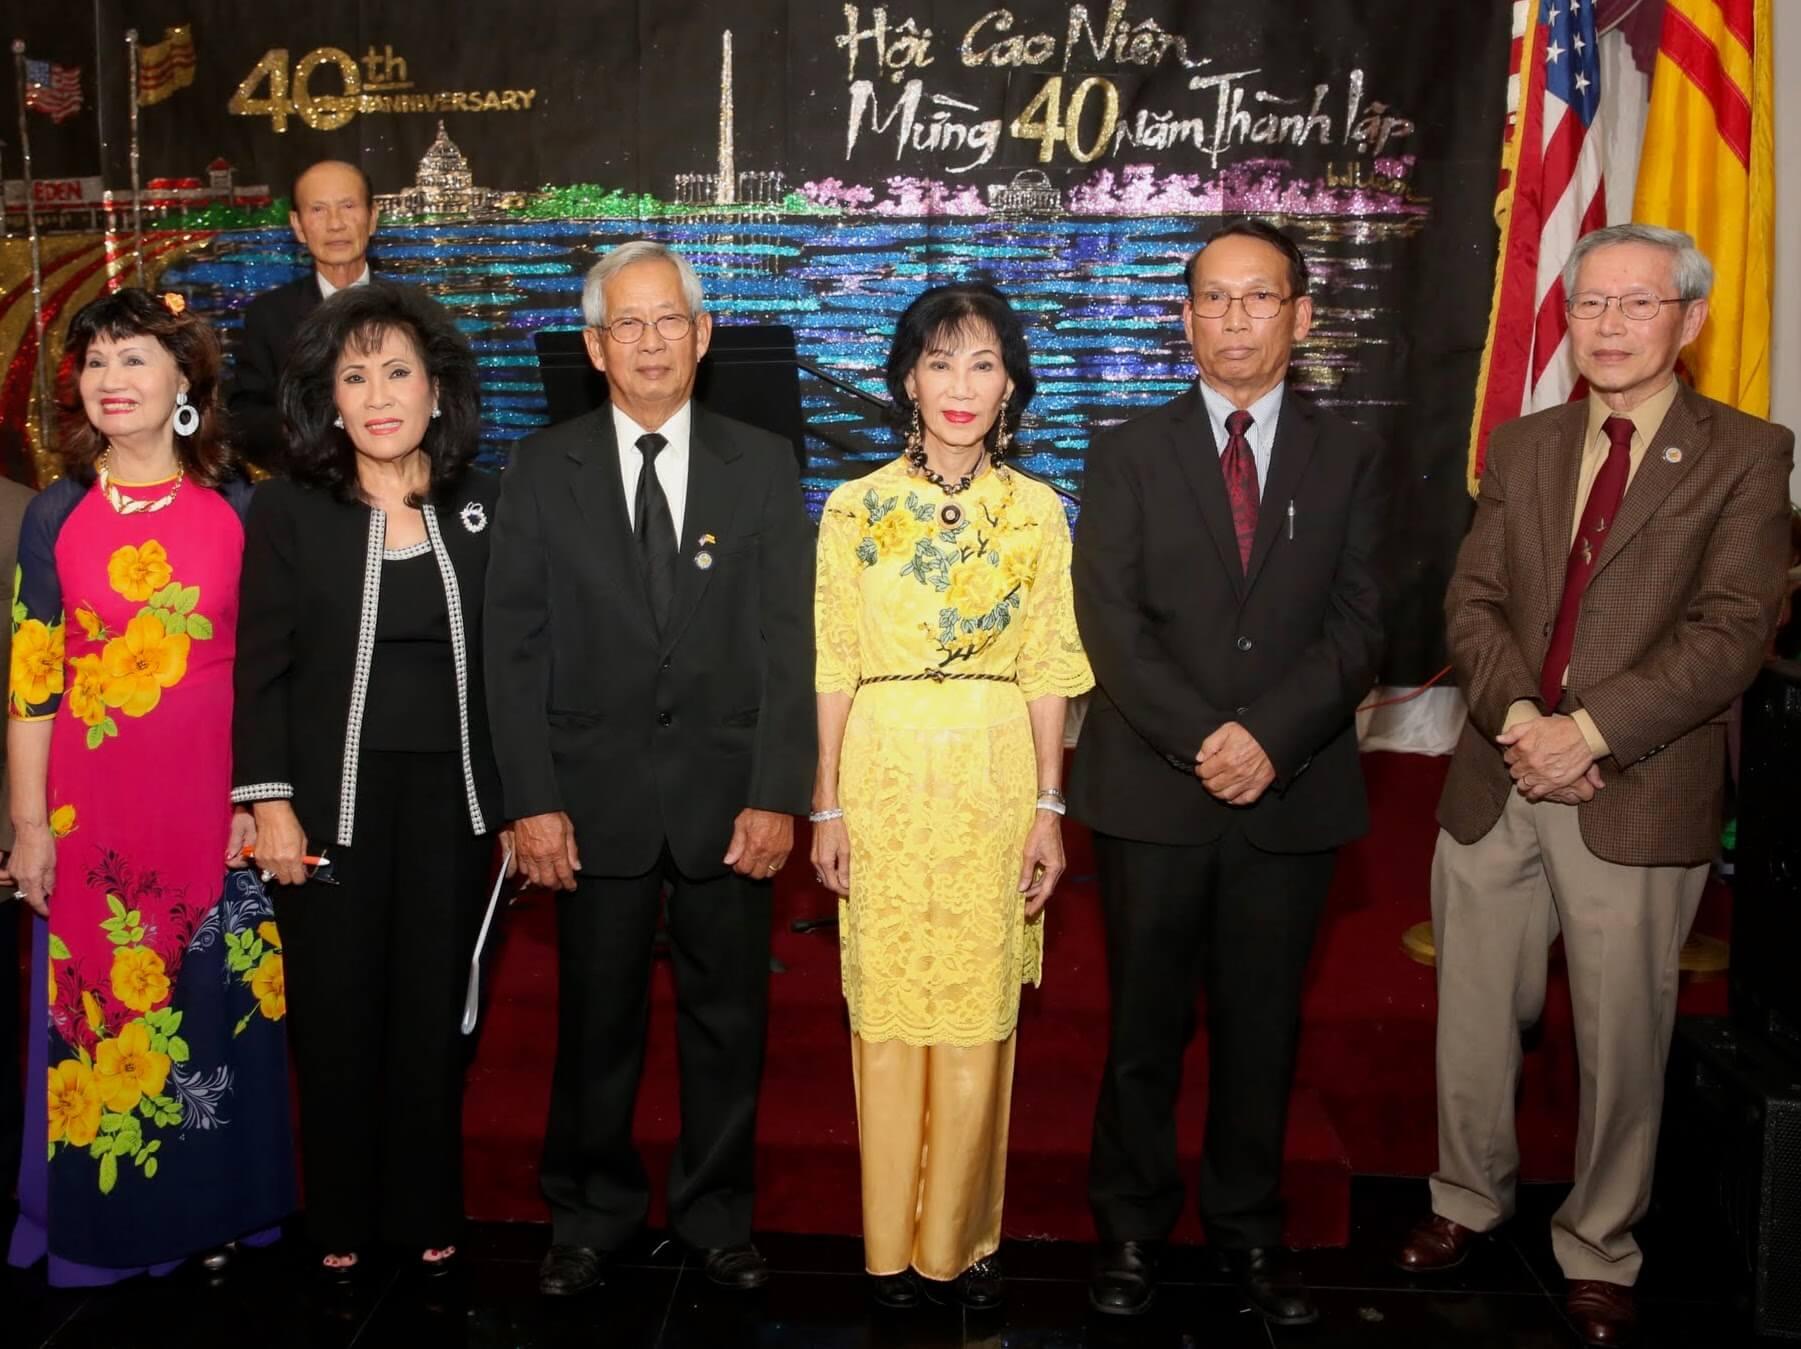 Hình ảnh Dạ tiệc Kỷ niệm 40 năm thành lập Hội